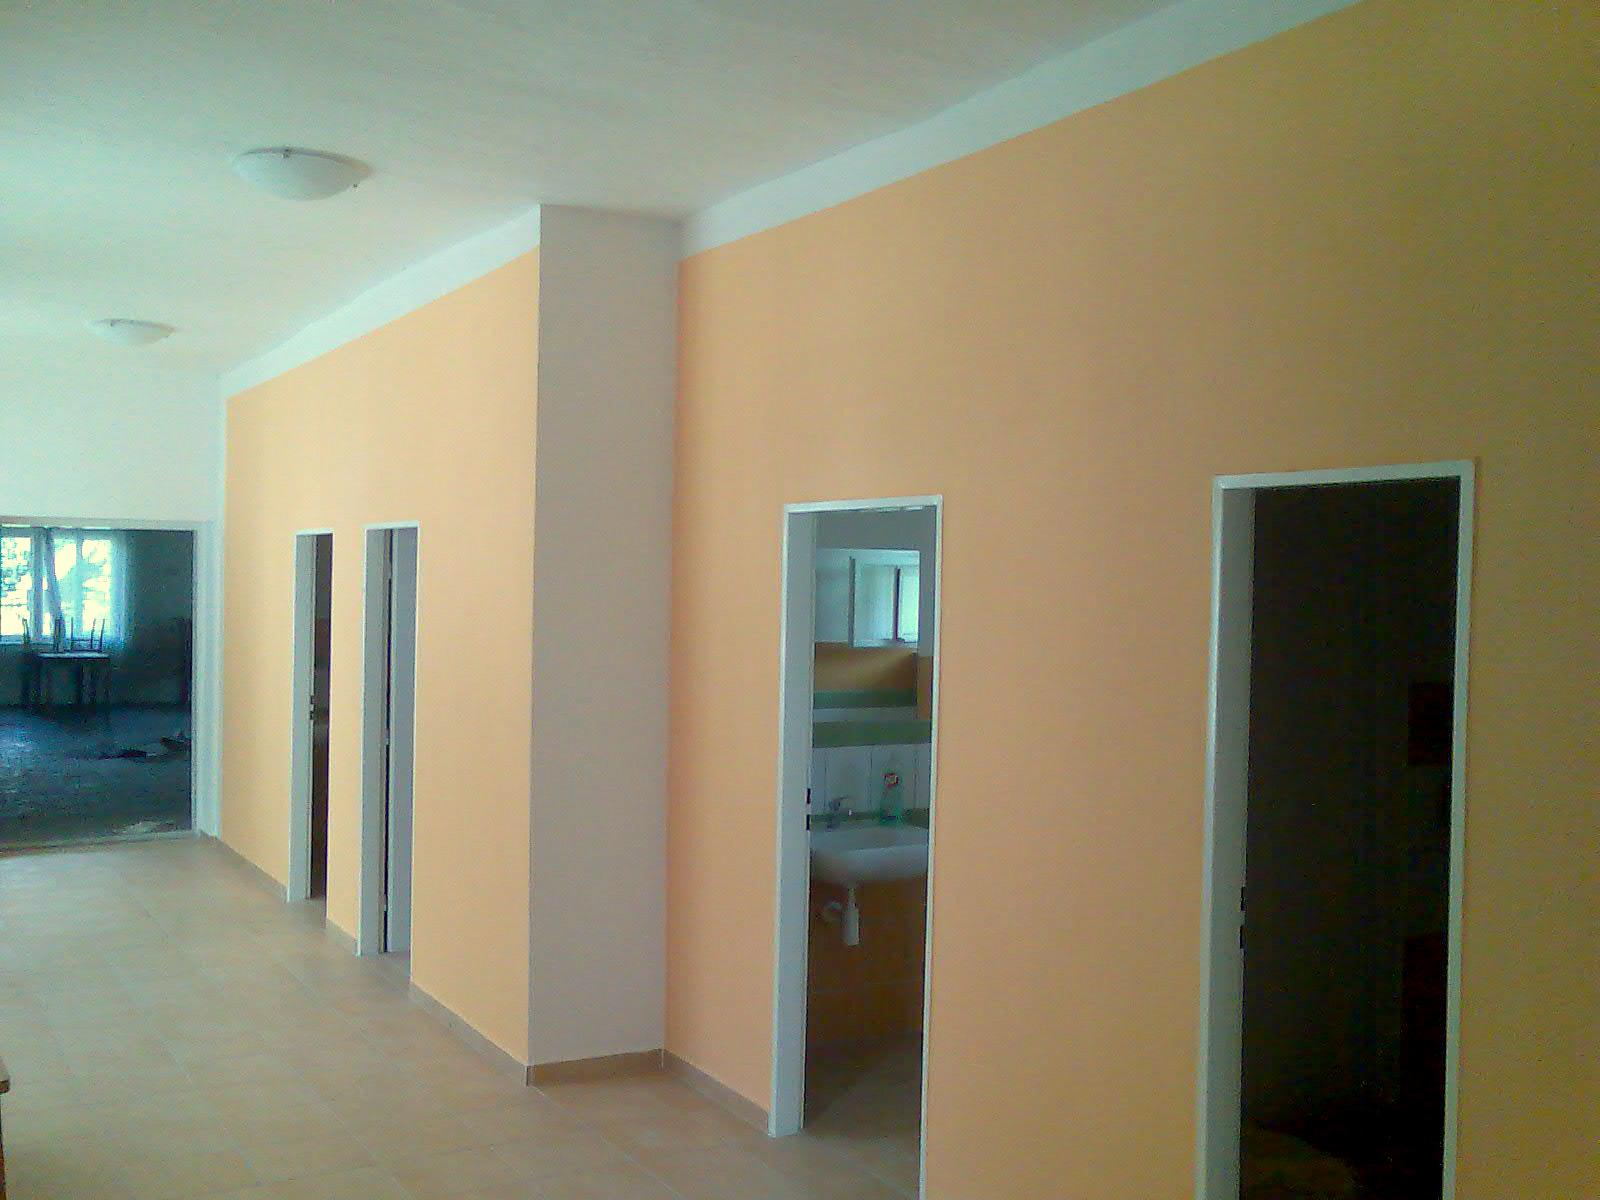 Rekonstrukce  koupelen a panelových bytových jader, Znojmo